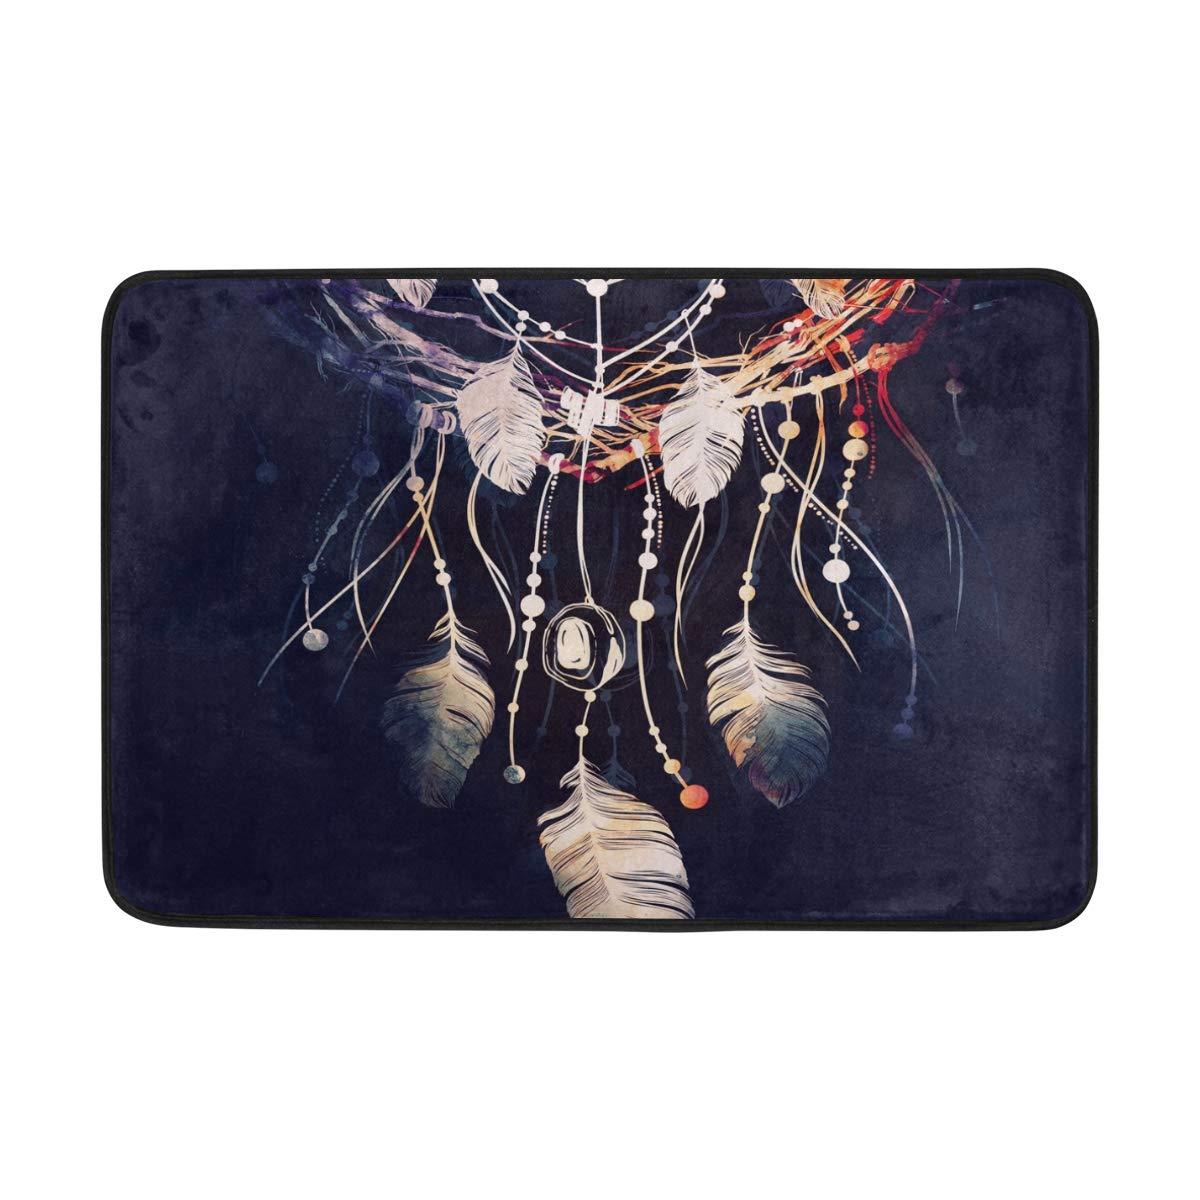 HMT 148101 Paillasson Coco Sable 45 x 75 cm